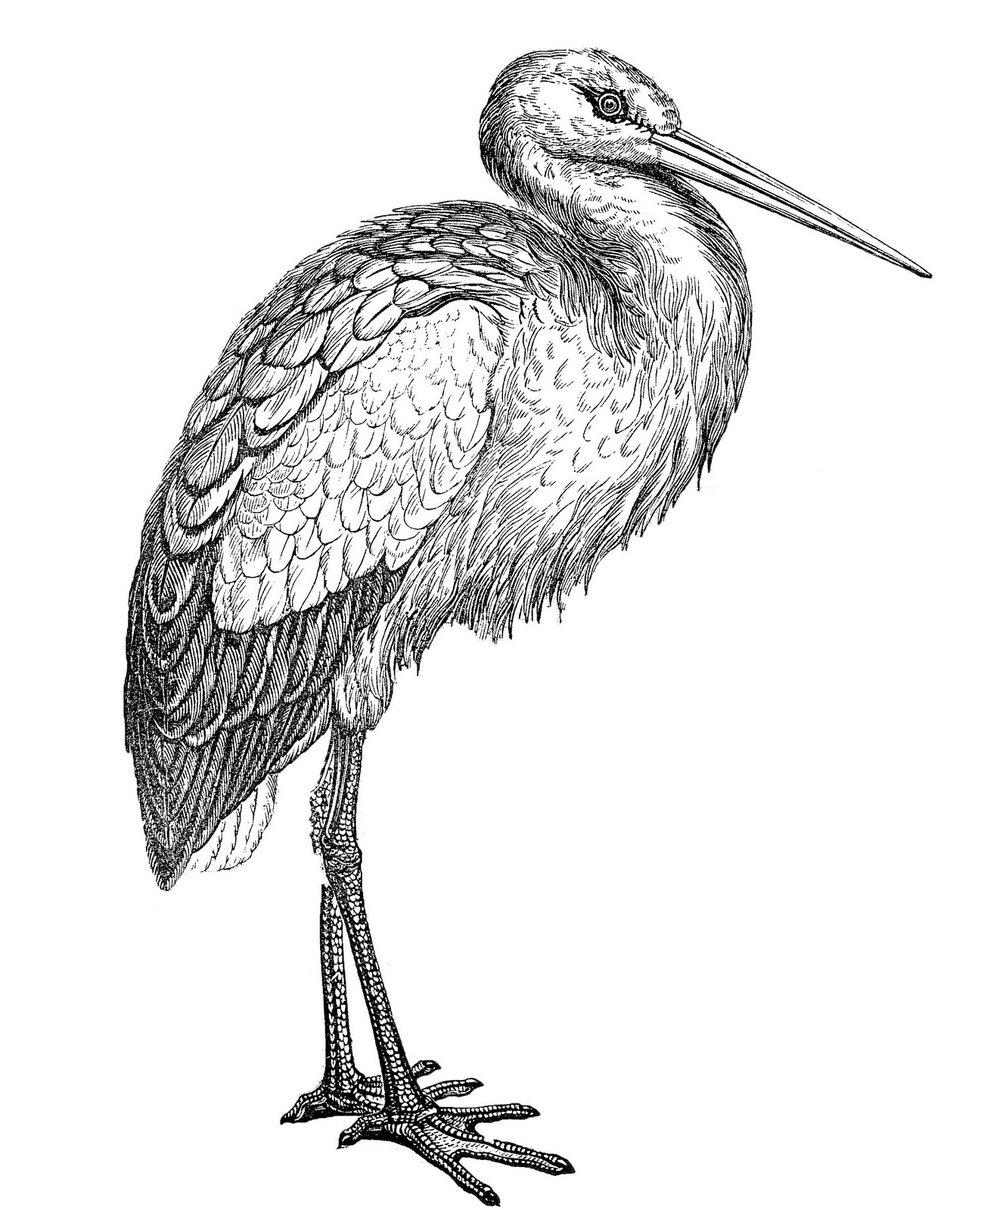 Der Weißstorch - Kennzeichen Gefieder weiß, nur Schwungfedern und Teil der Oberflügeldecken schwarz. Schnabel und Beine rot. Geschlechter nur sehr schwer zu unterscheiden, Schnabel des Männchens meist etwas länger und stärker. Jungvögel nach dem Ausfliegen nur während der ersten Wochen noch durch schwärzliche Schnabelspitze von den Altvögeln zu unterscheiden.Körpermaße Stehend etwa 80 Zentimeter hoch, 2600 bis 4400 Gramm schwer. Flügelspannweite bis zu 2 Meter, Schnabellänge 14-19 Zentimeter.Verbreitung Europa von Portugal im Westen bis etwa zum 40. LG nach Osten. Nordgrenze entlang der Ostseeküste. Besiedelt auch Teile Nordafrikas und Kleinasiens. Kleine Brutpopulation in Südafrika.Bestand Weltweit etwa 166.000 Brutpaare (1994), davon 4.300 in DtlLebensraum Offene Landschaften wie Flussniederungen mit periodischen Überschwemmungen, extensiv genutzte Wiesen und Weiden, Kulturlandschaft mit nahrungsreichen Kleingewässern.Nahrung Frösche, Reptilien, Mäuse, Insekten, Regenwürmer und Fische.Verhalten Tagaktiv. Segelt nach Möglichkeit, Ruderflug schwerfällig. Nahrungserwerb im Gehen. Nistplatztreue. Das Männchen trifft vor dem Weibchen ein und besetzt möglichst das Nest vom Vorjahr. Heftige Kämpfe mit Besetzern vorjähriger Nester. Begrüßung des Partners mit Klappern des Schnabels. Außerhalb der Brutzeit in kleineren oder größeren Verbänden.Fortpflanzung Brütet auf Hausdächern, Türmen, Strommasten oder Bäumen. Nimmt künstliche Nestunterlagen wie Wagenräder gerne an. Brutzeit Anfang April bis Anfang August. Eine Jahresbrut. 3-5 (7) Eier. Beide Partner brüten. Brutdauer 32-33 Tage. Nestlingszeit: etwa 2 Monate. Futter wird im Kehlsack zum Nest getragen und ausgewürgt.Alter Ältester Ringfund 35 Jahre. Durchschnittsalter 8-10 Jahre.Fakten: www.nabu.de / Illustration: www.thegraphicsfairy.com